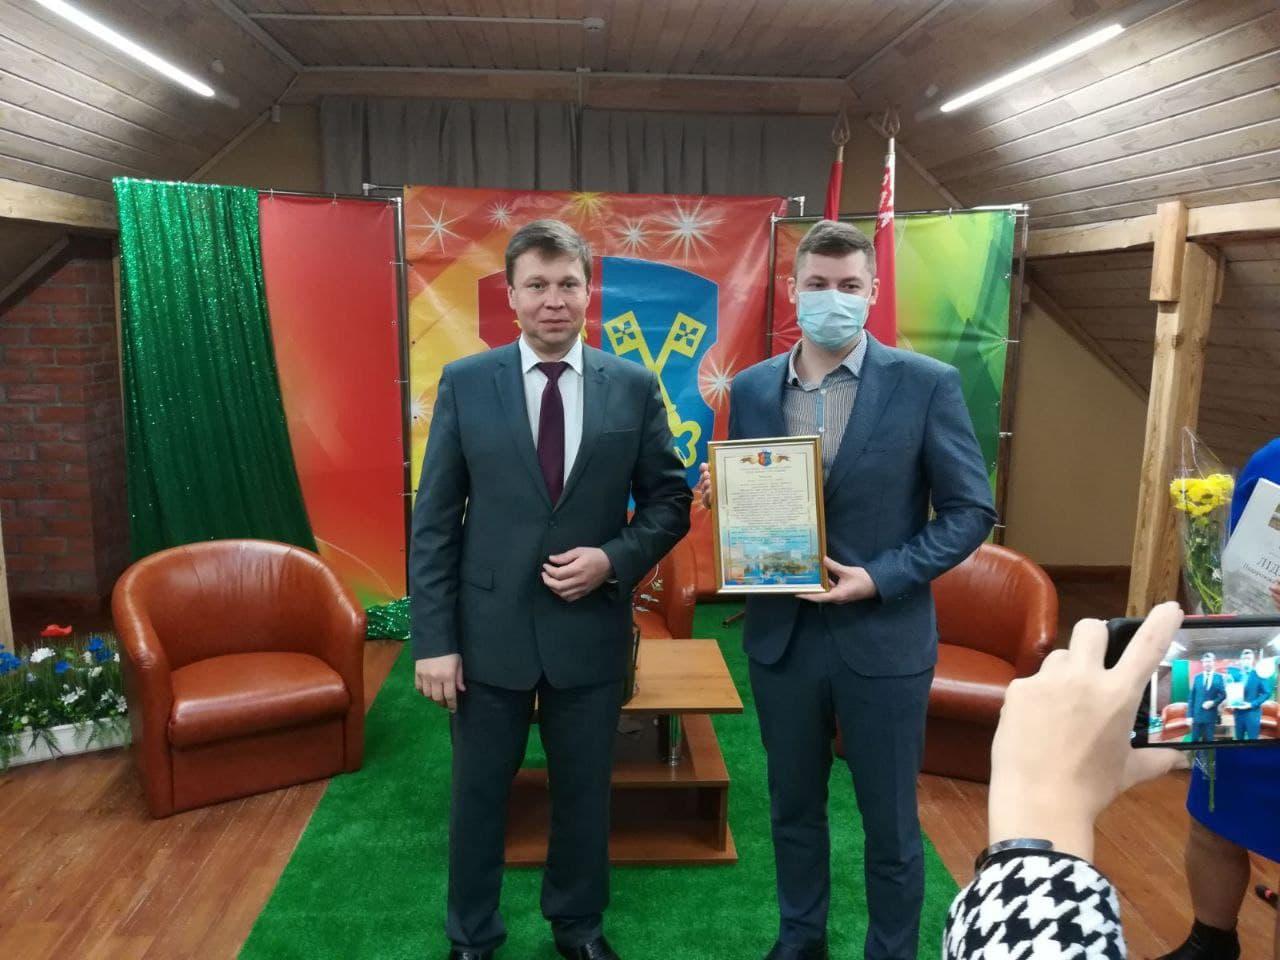 15 октября в Беларуси будут отмечать День работников фармацевтической и микробиологической промышленности